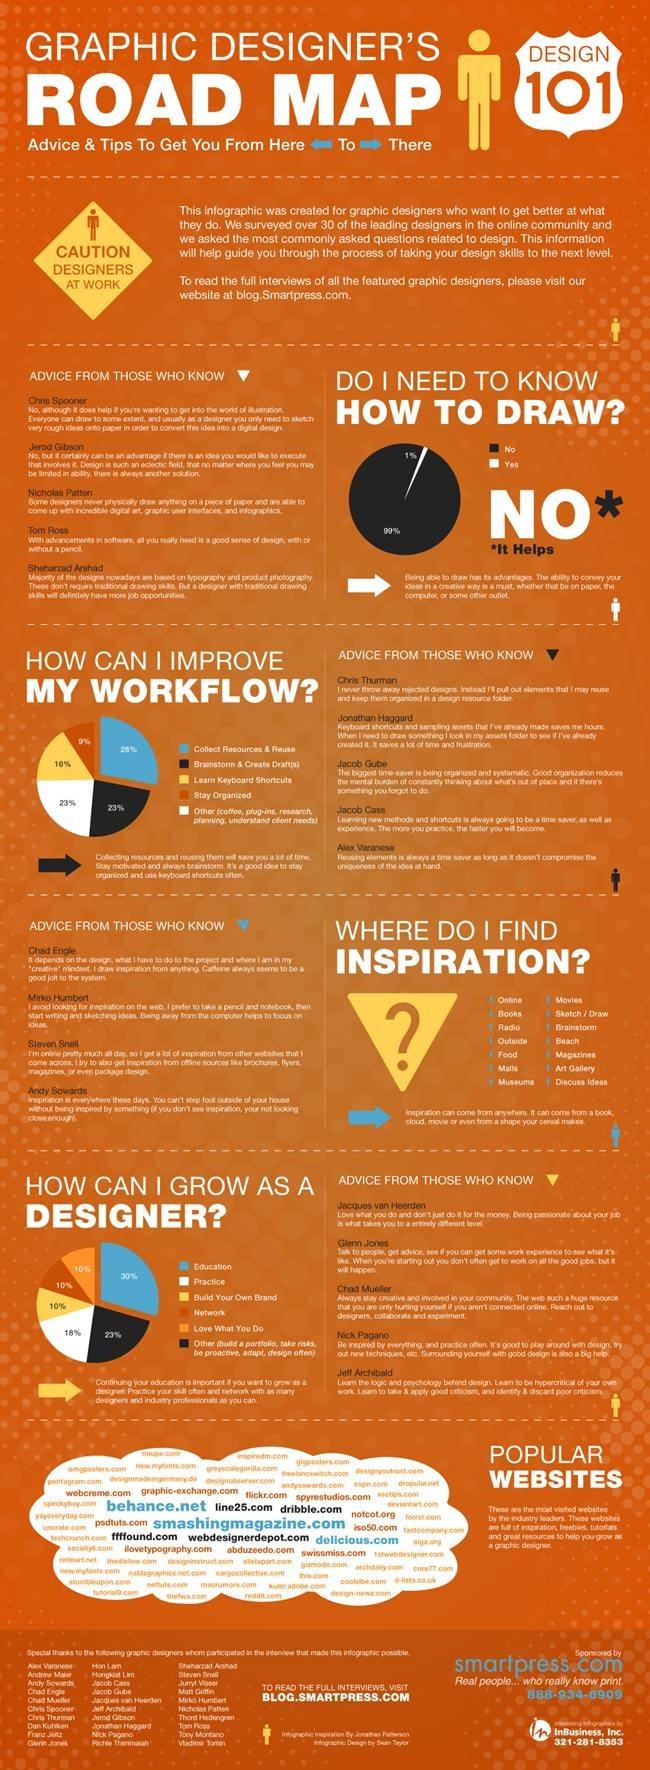 Infographic - Graphic Designer's Roadmap